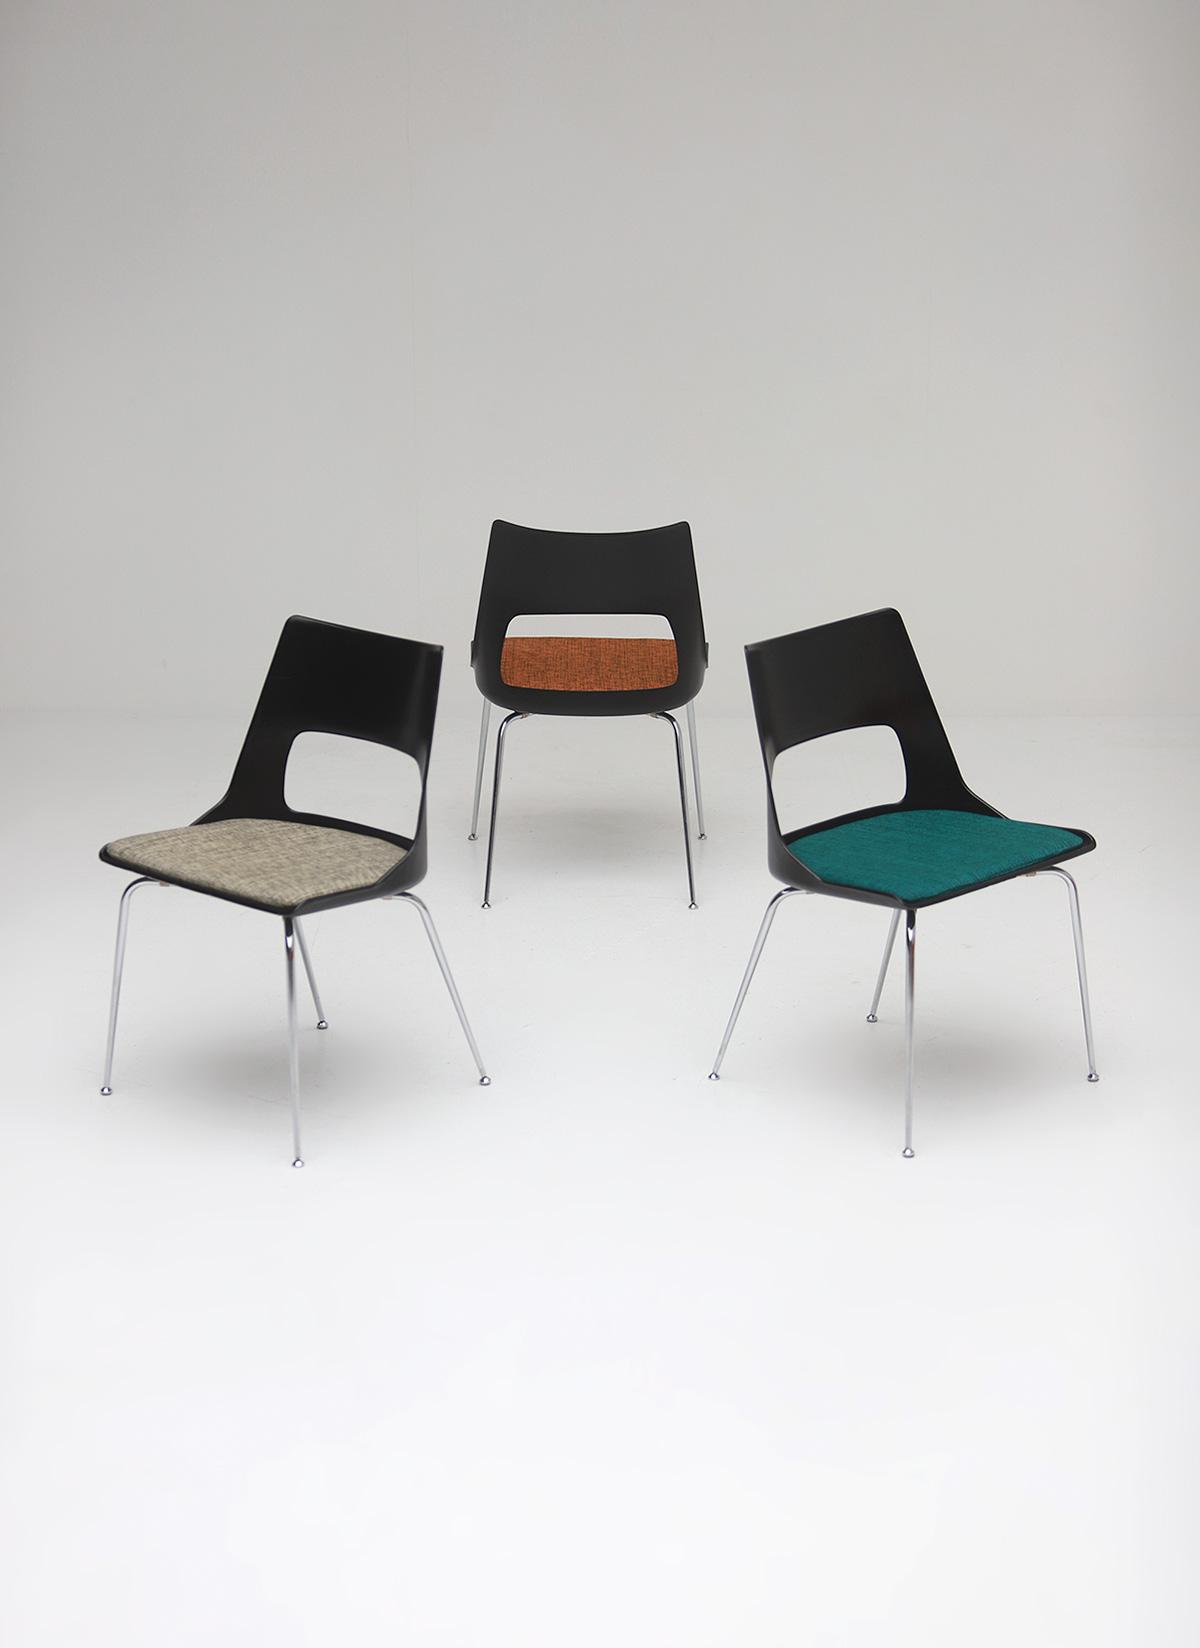 Set of three Modern Kay Korbing chairs for Fibrex Danmarkimage 1